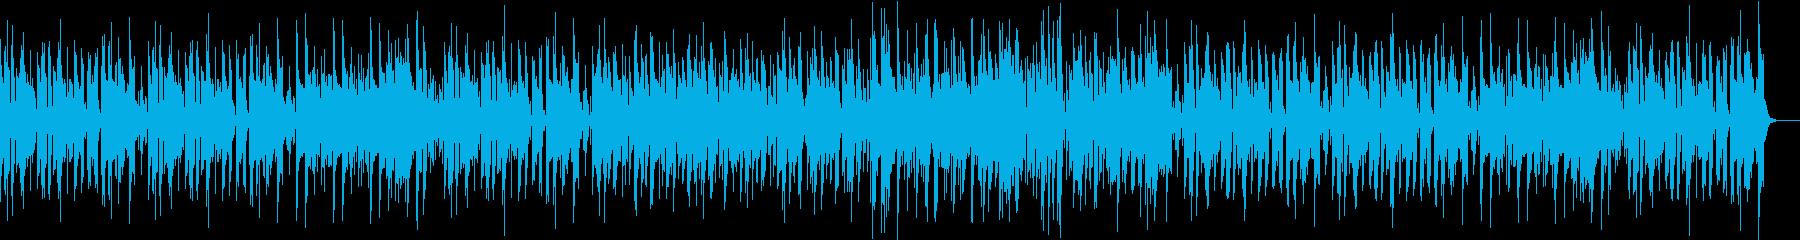 ほのぼしたフルートボサノバの再生済みの波形